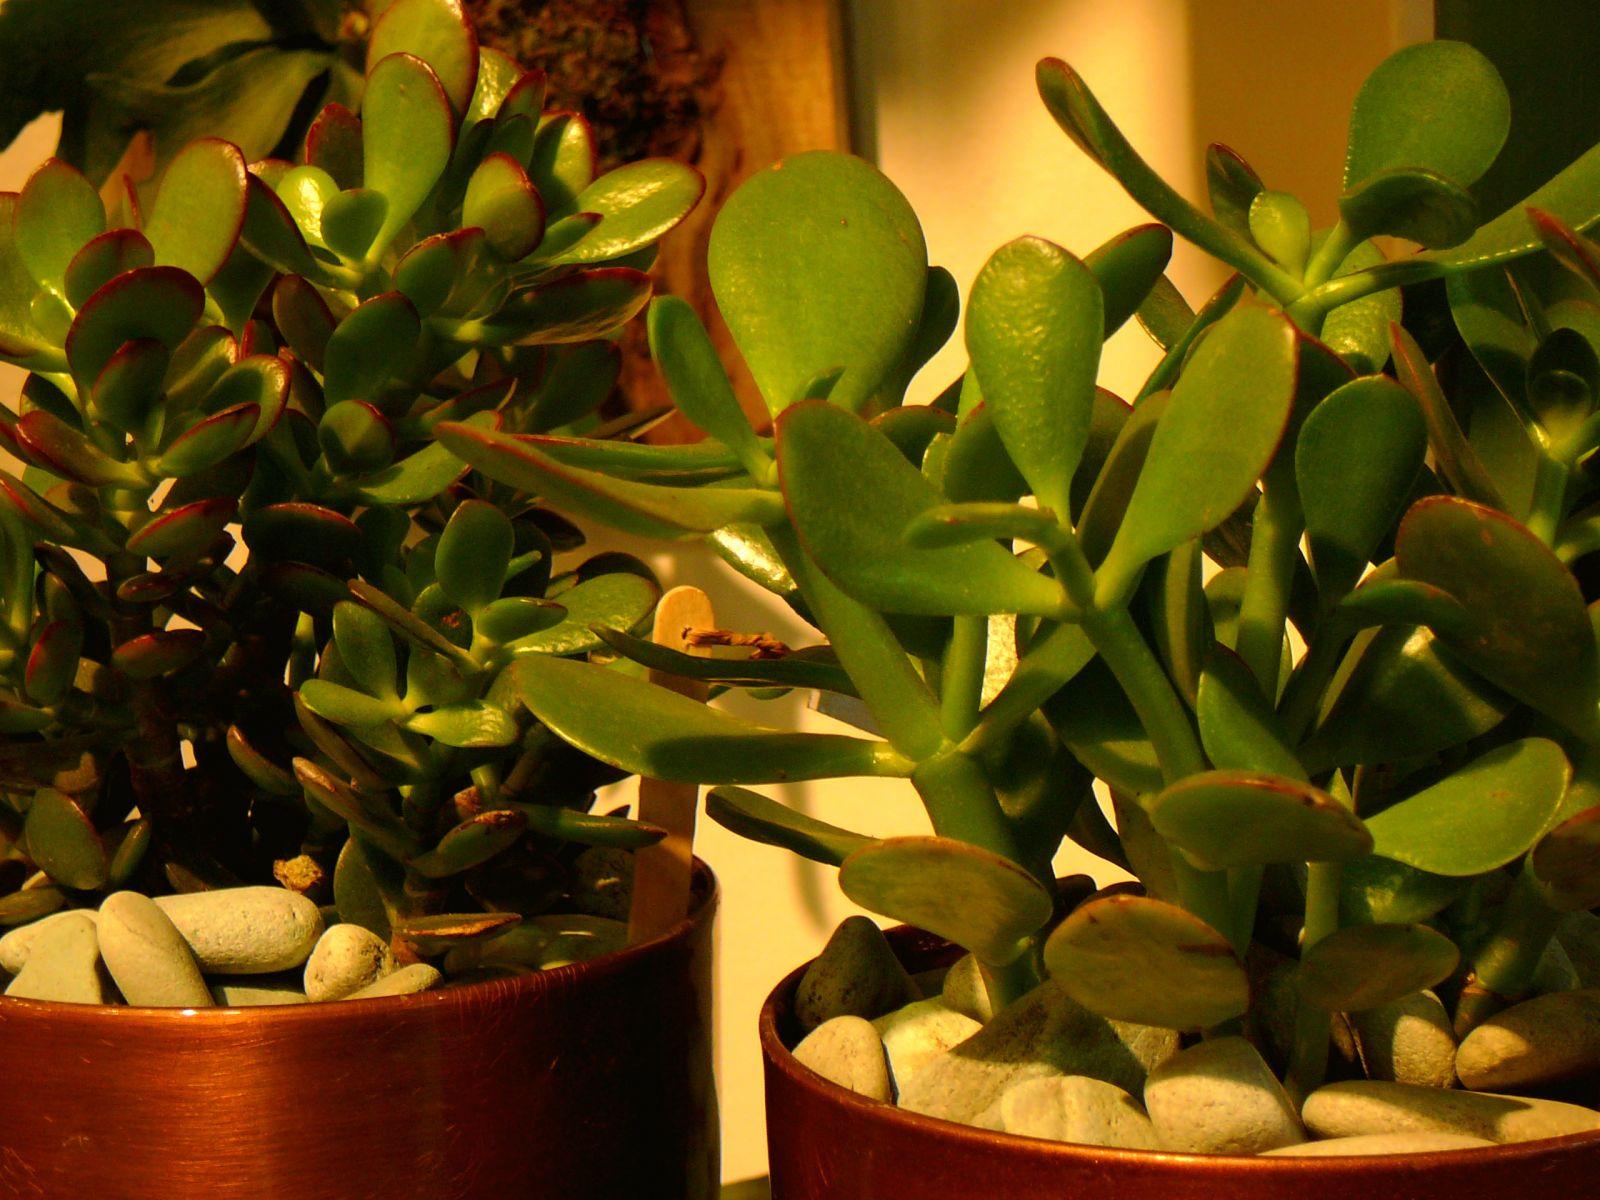 комнатные растения приносящие деньги фото вышить целую картину